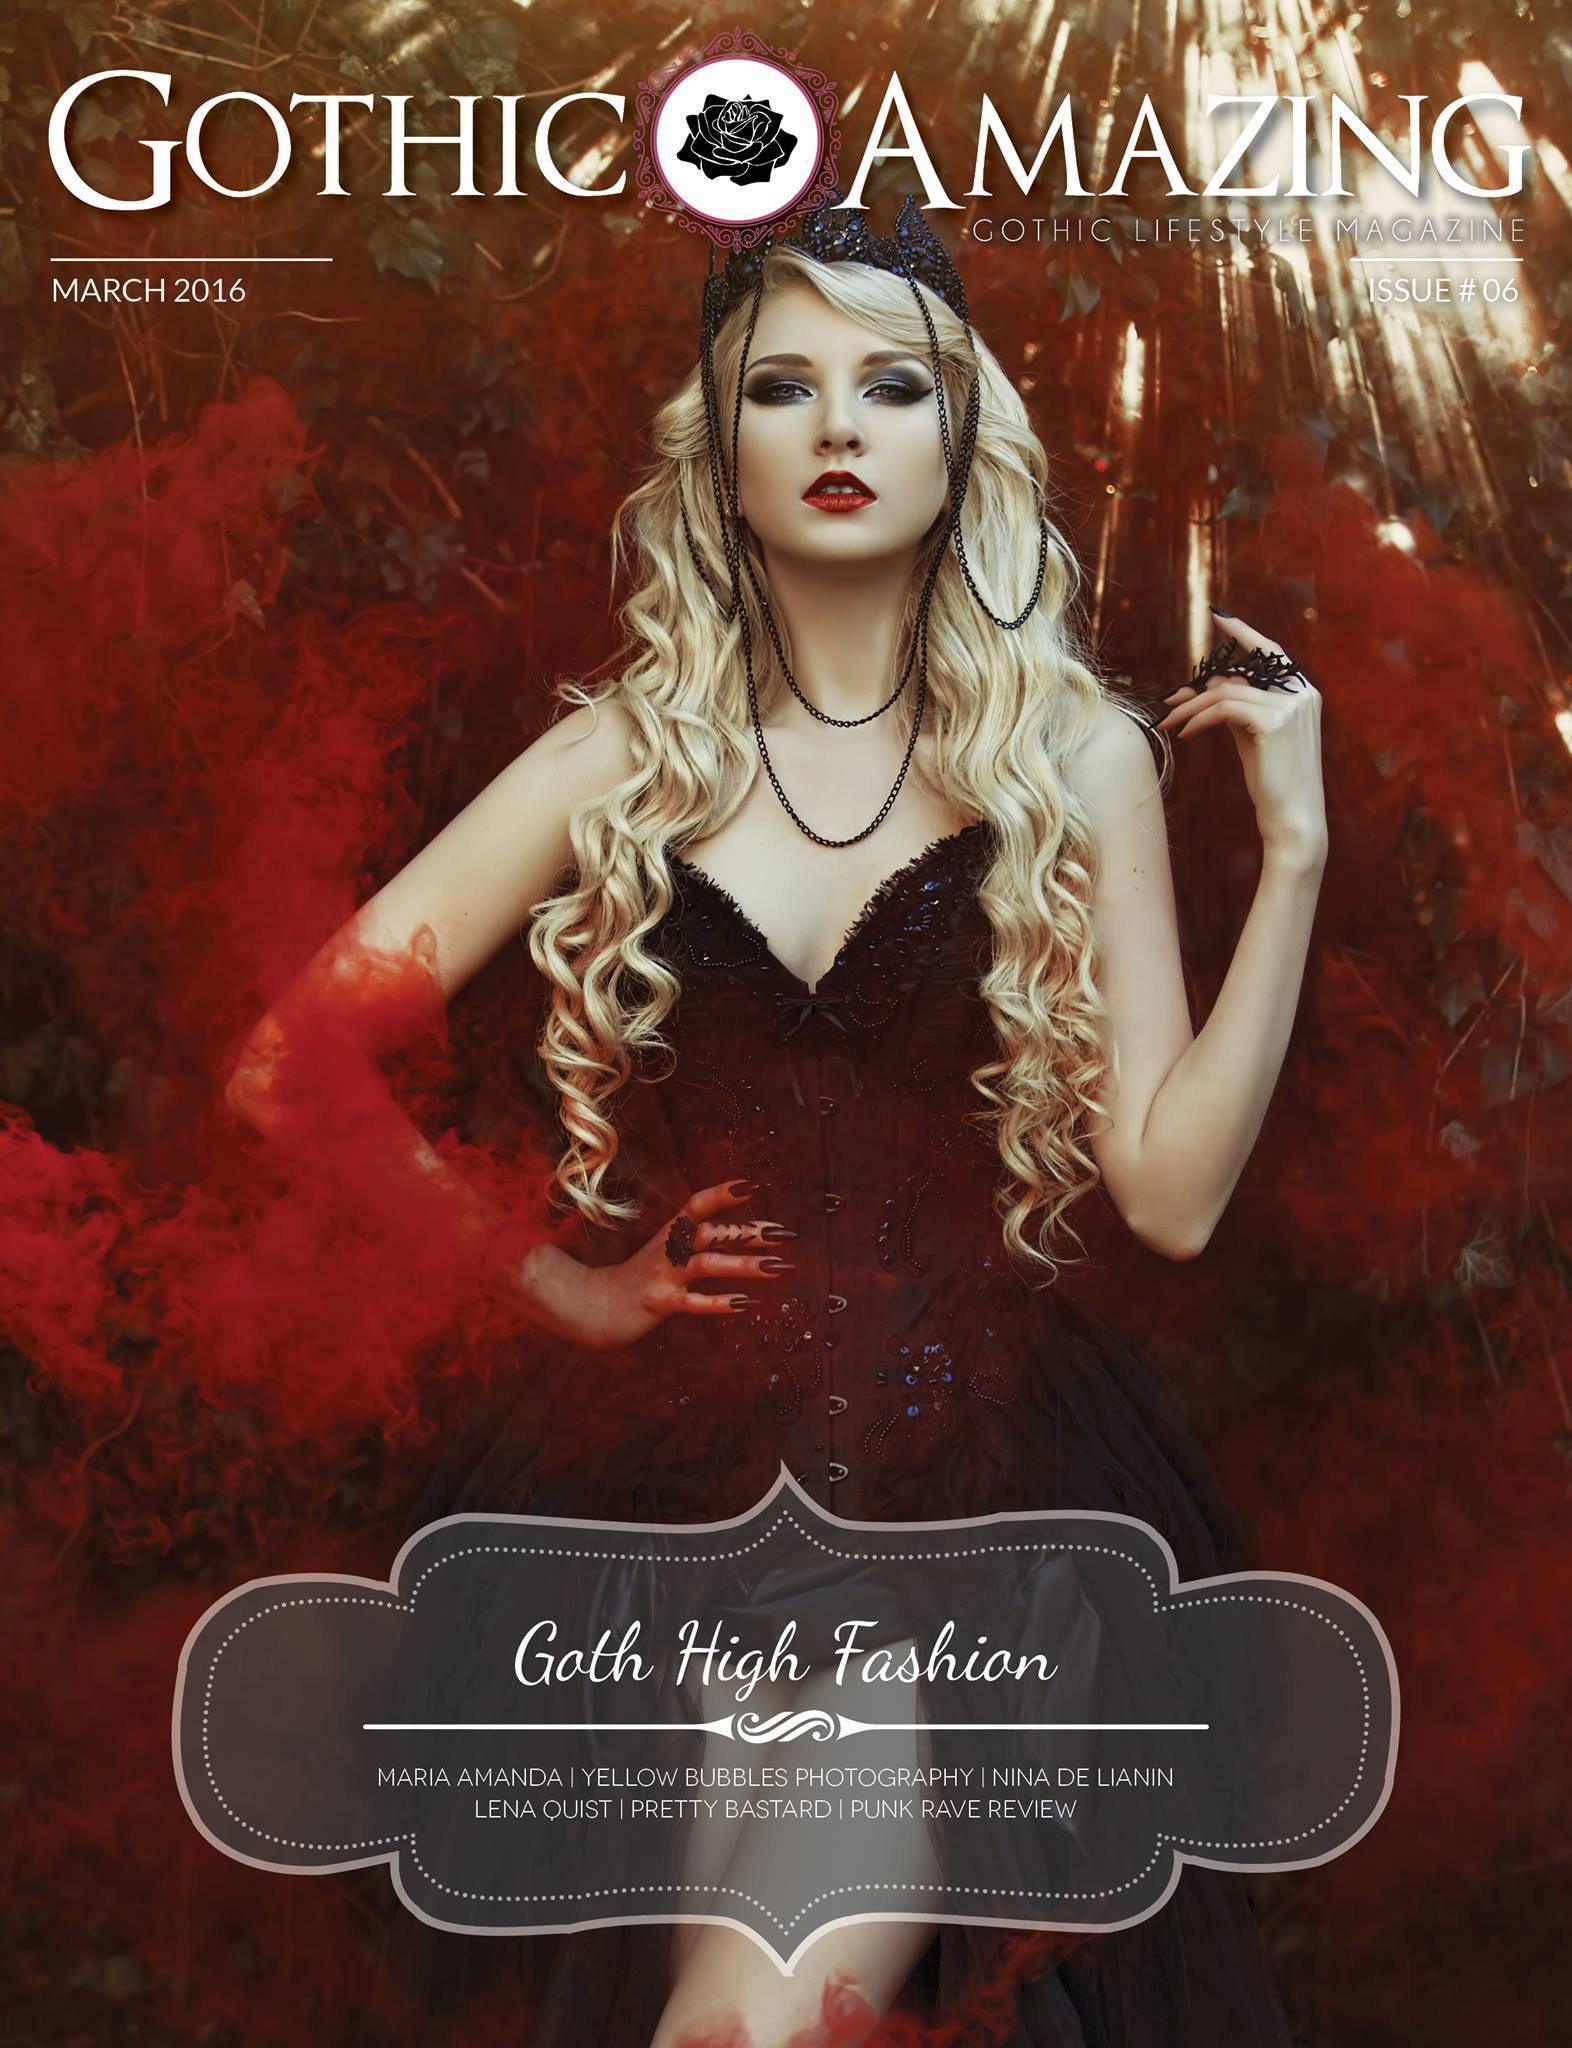 grace-almera-gothic-and-amazing-maria-amanda-cover-photo-magazine-published.jpg